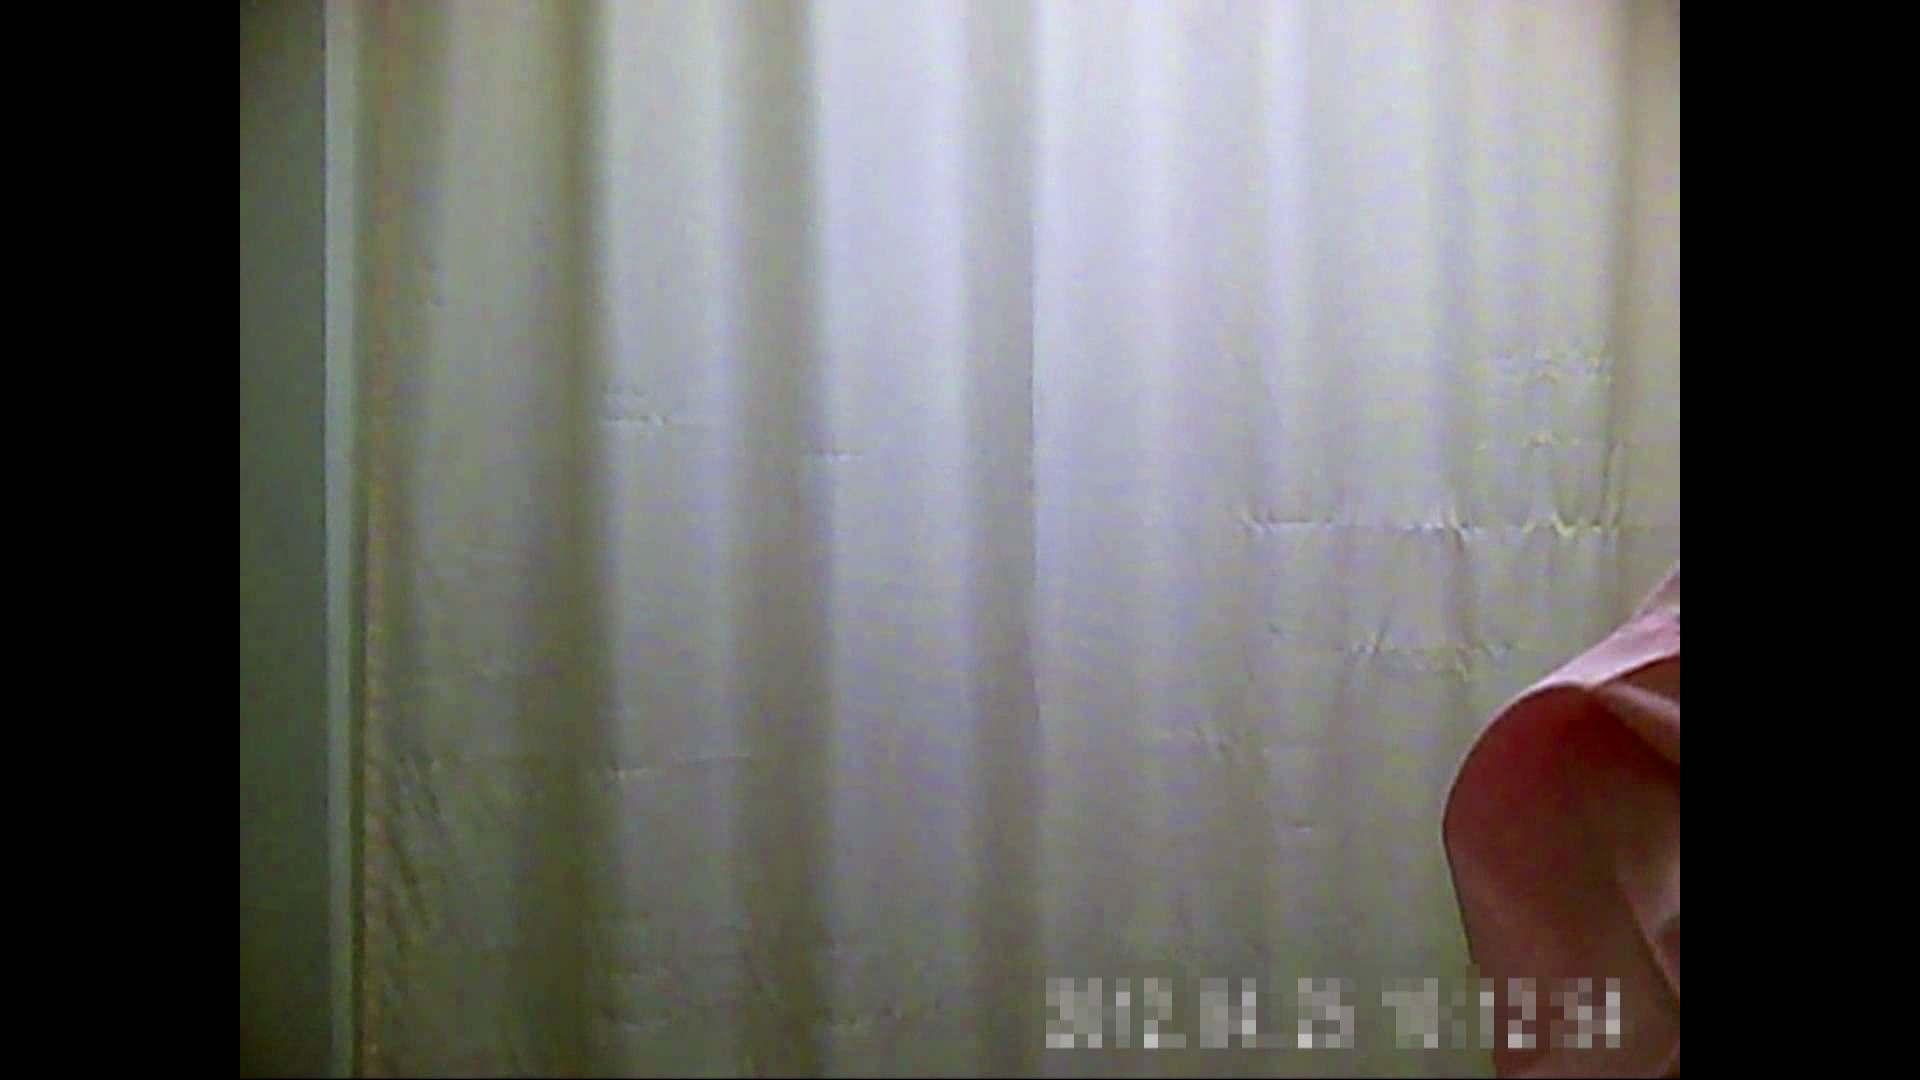 元医者による反抗 更衣室地獄絵巻 vol.009 ギャル攻め アダルト動画キャプチャ 97画像 2